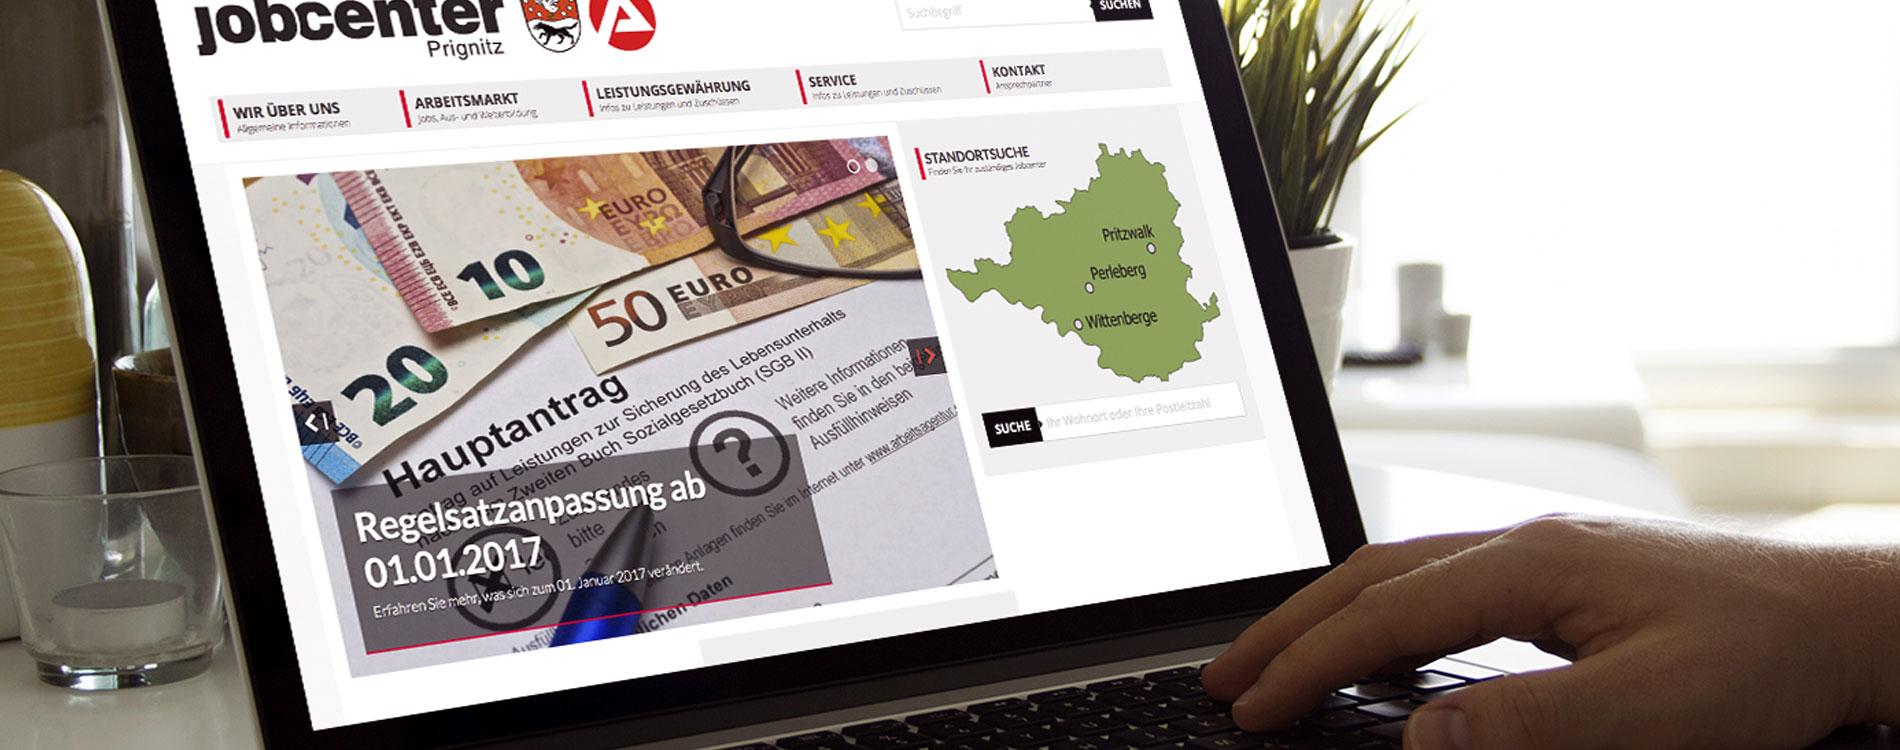 404MEDIA Projekt - Jobcenter Prignitz